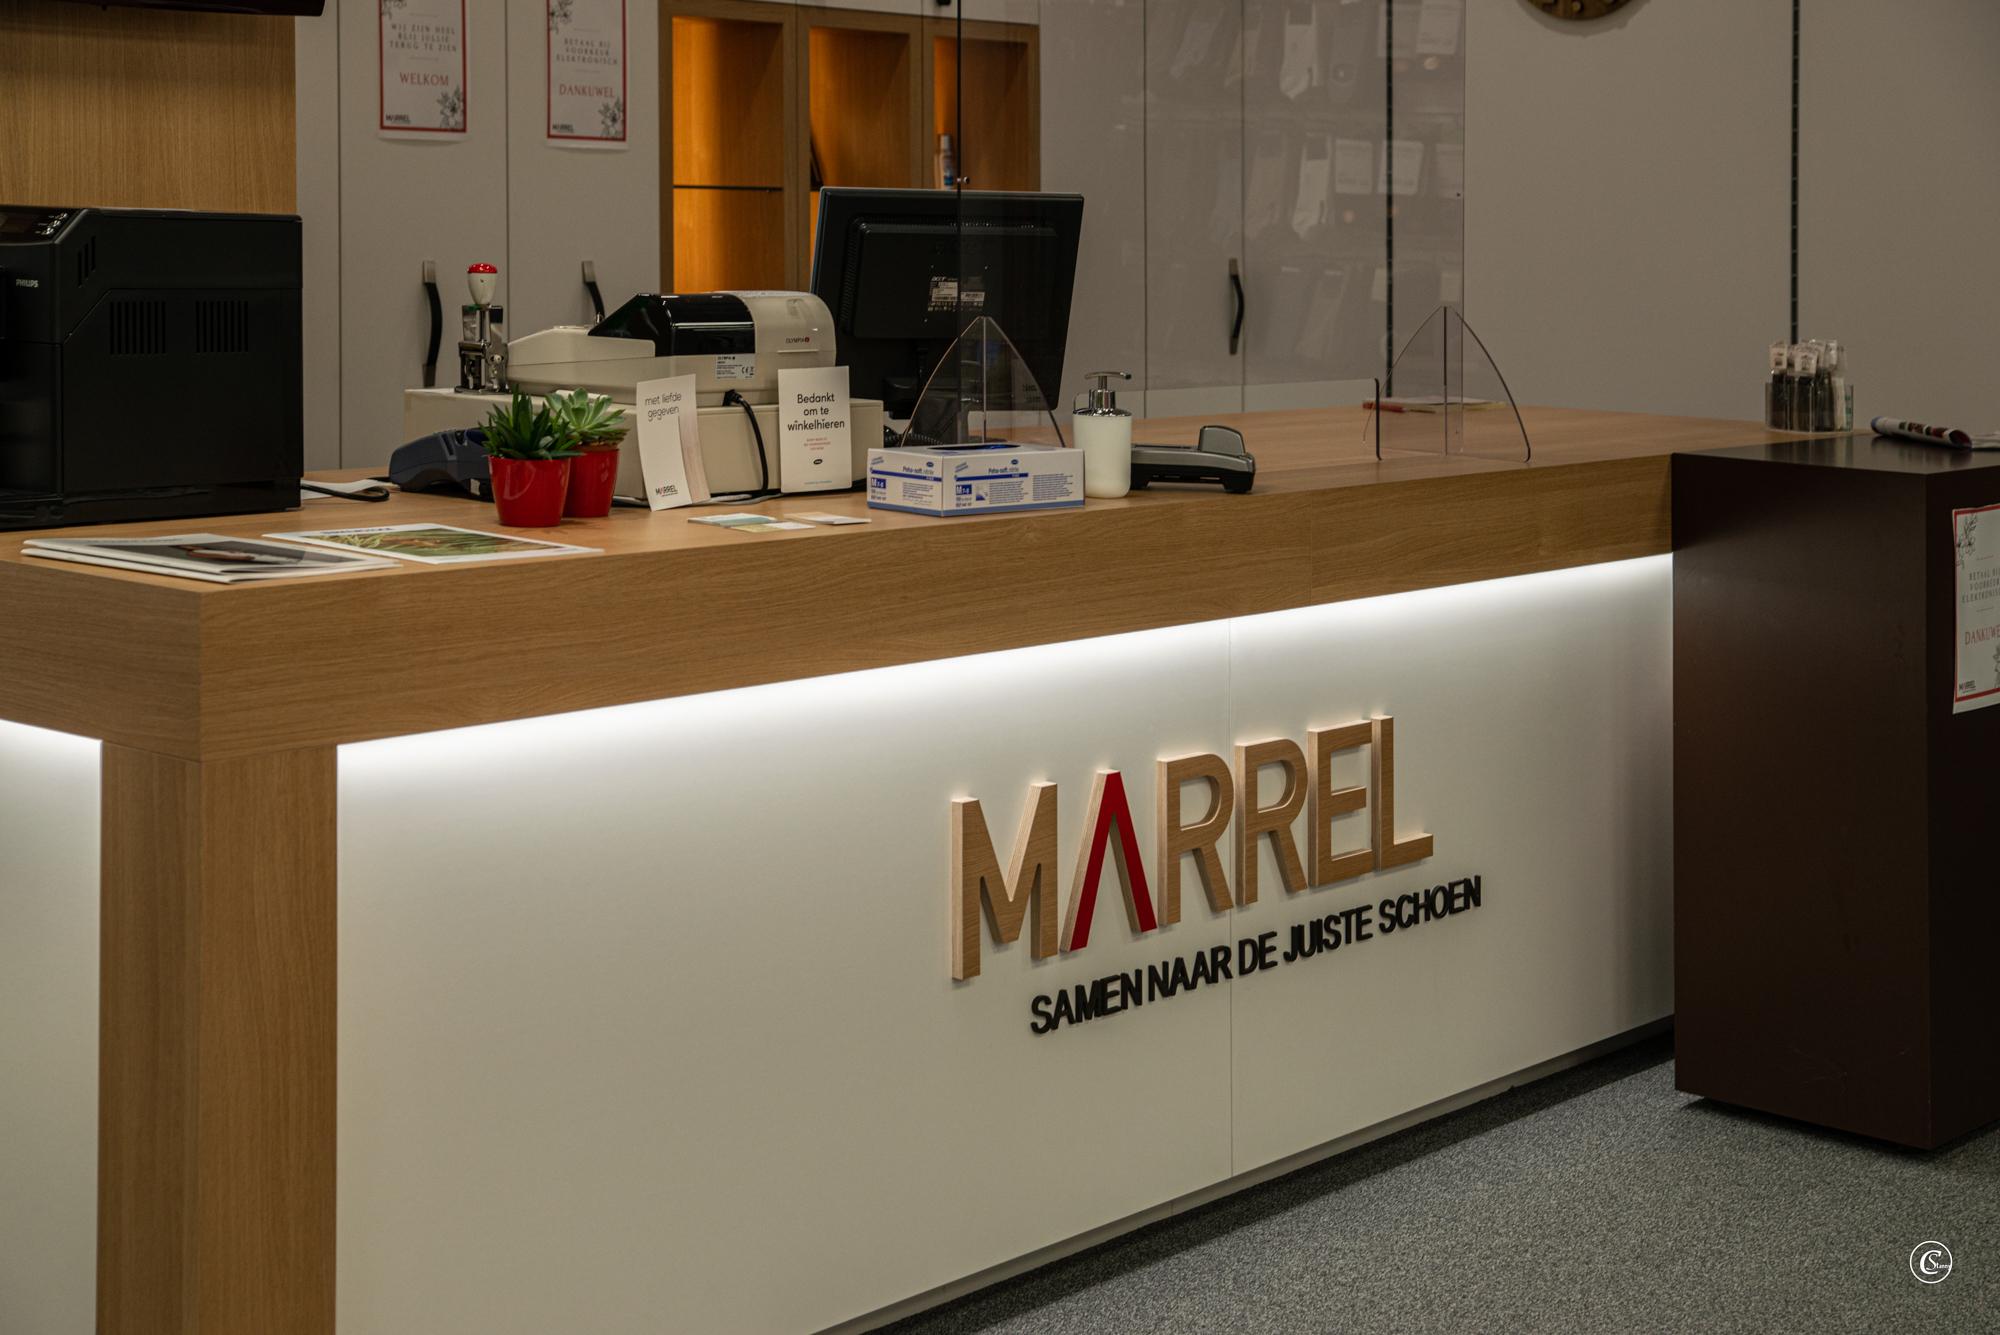 Schoenen-Marrel-10-van-15